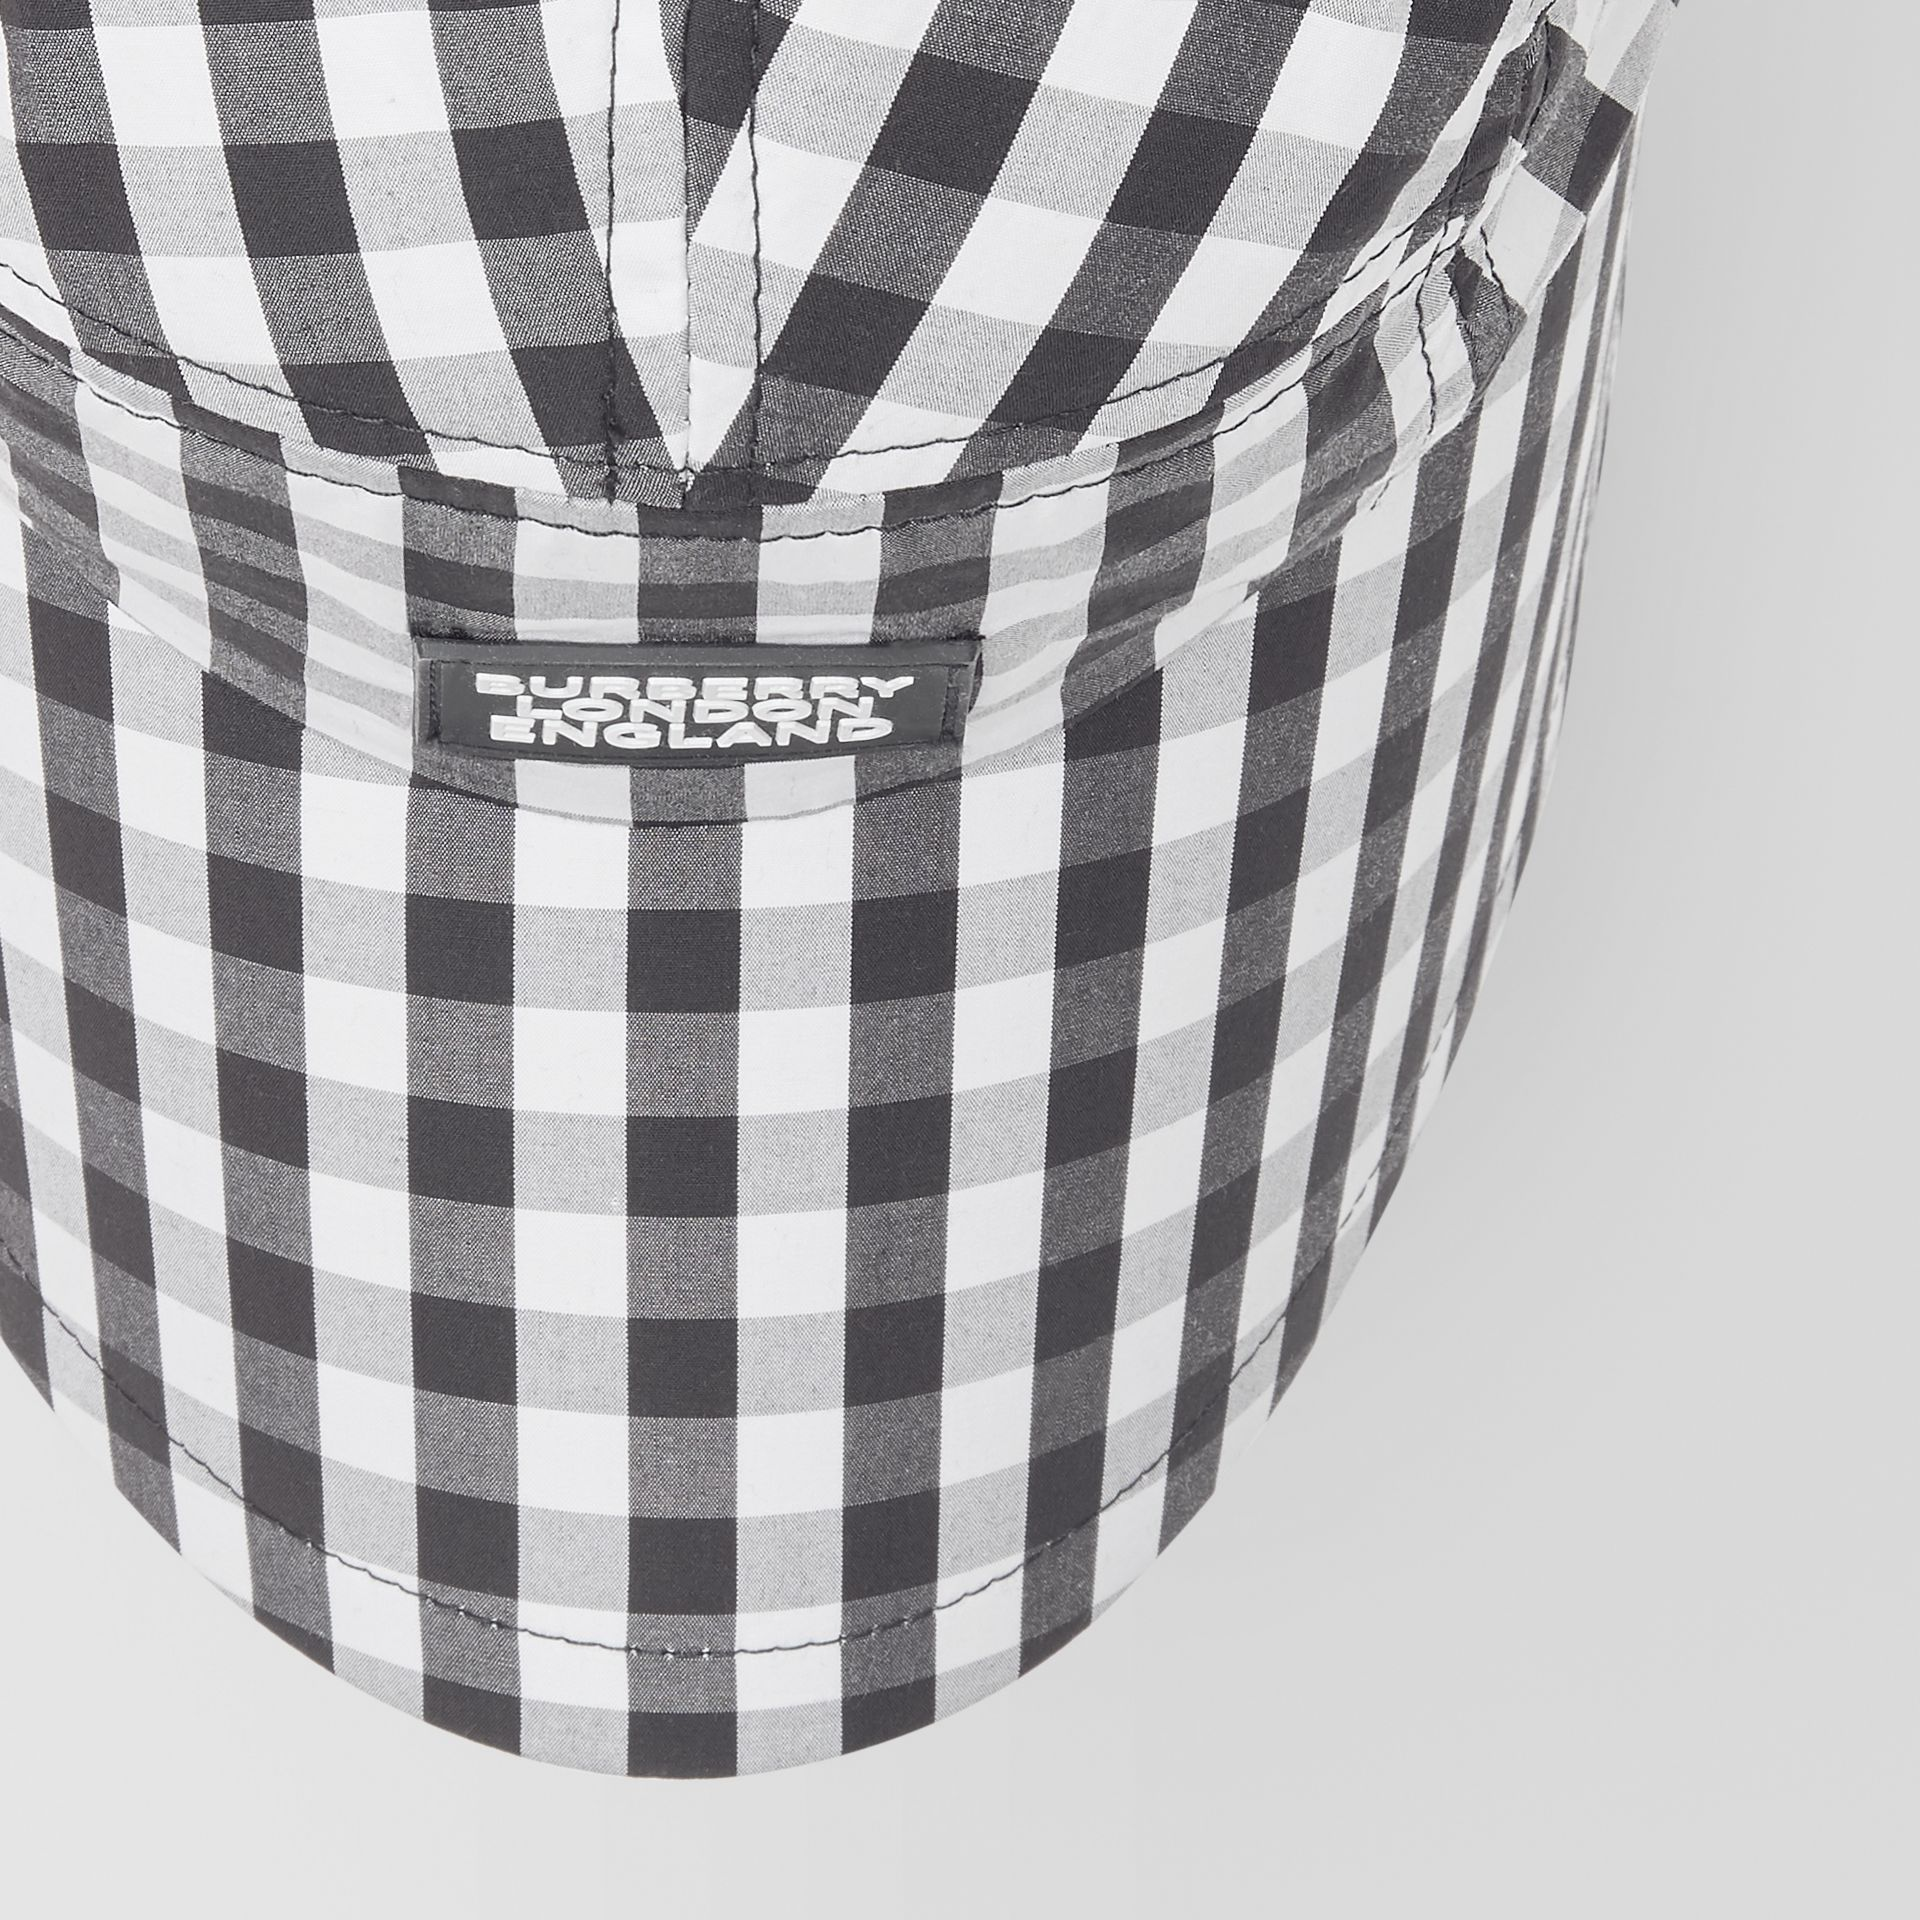 Hauben-Kappe aus Baumwolle mit Logo-Applikation und Vichy-Muster (Schwarz/weiß) | Burberry - Galerie-Bild 9